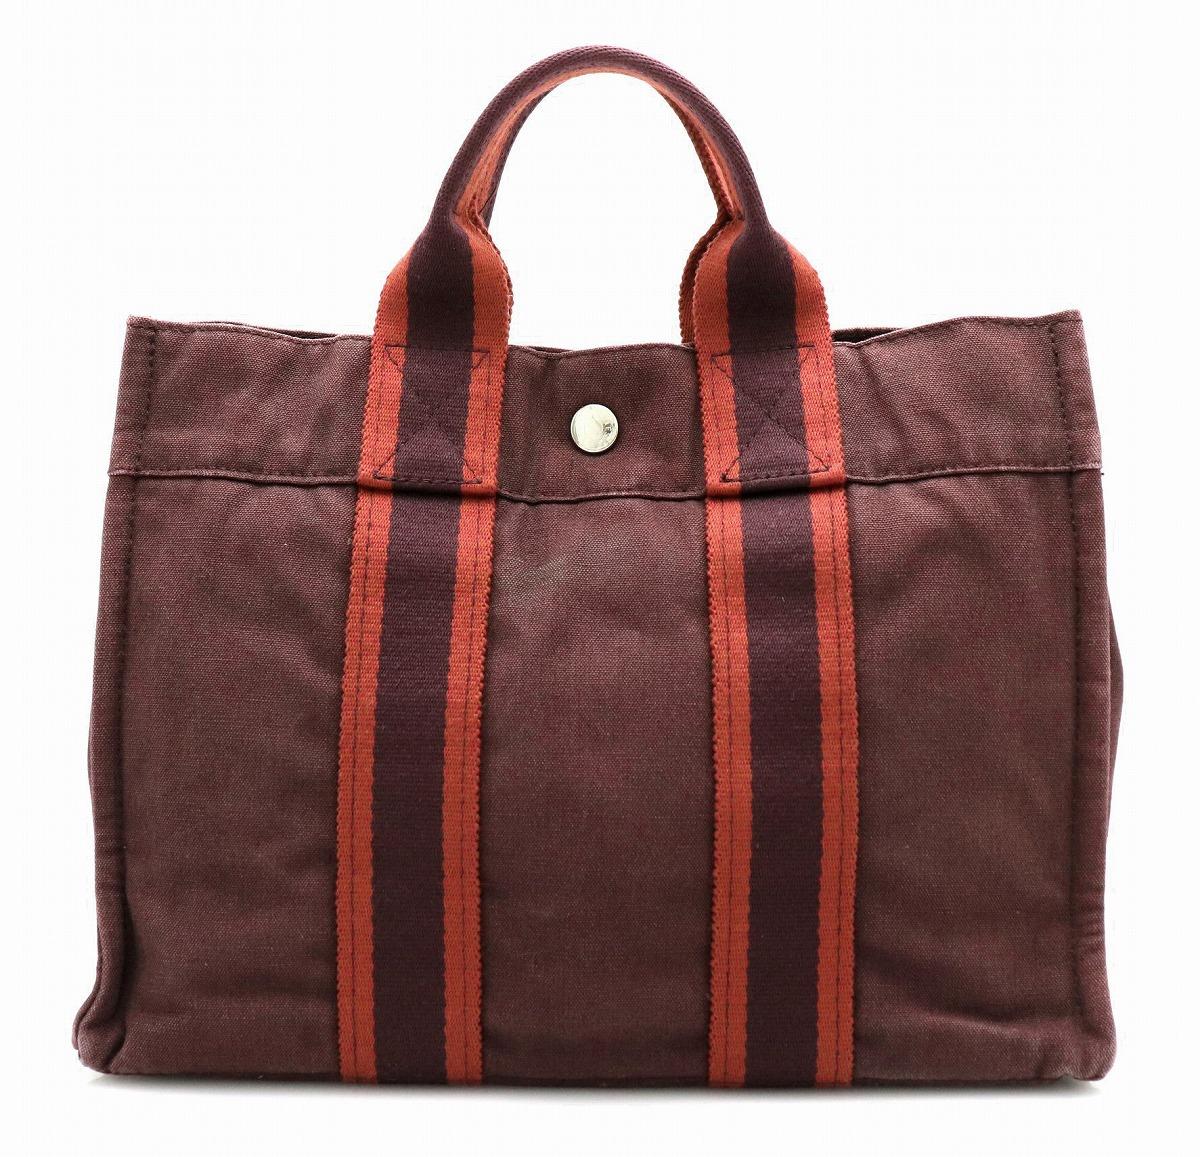 【バッグ】HERMES エルメス フールトゥ トートPM トートバッグ ハンドバッグ コットン100% ブラウン 茶 レッド 赤 【中古】【u】